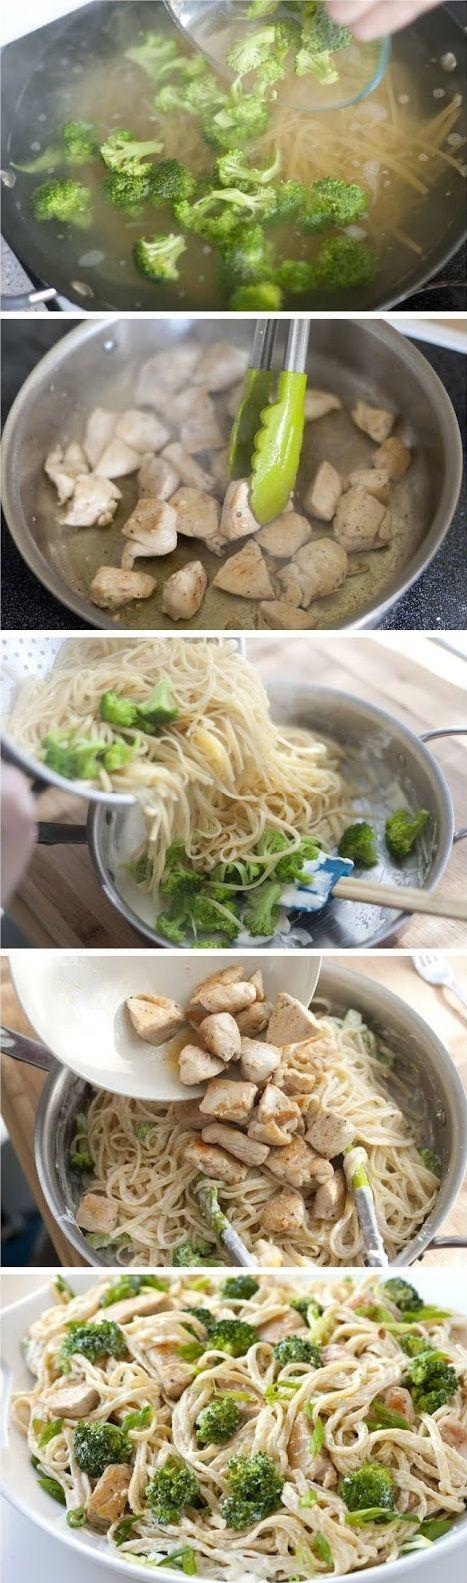 Creamy Miso Chicken Pasta | Deliciously Dinner | Pinterest